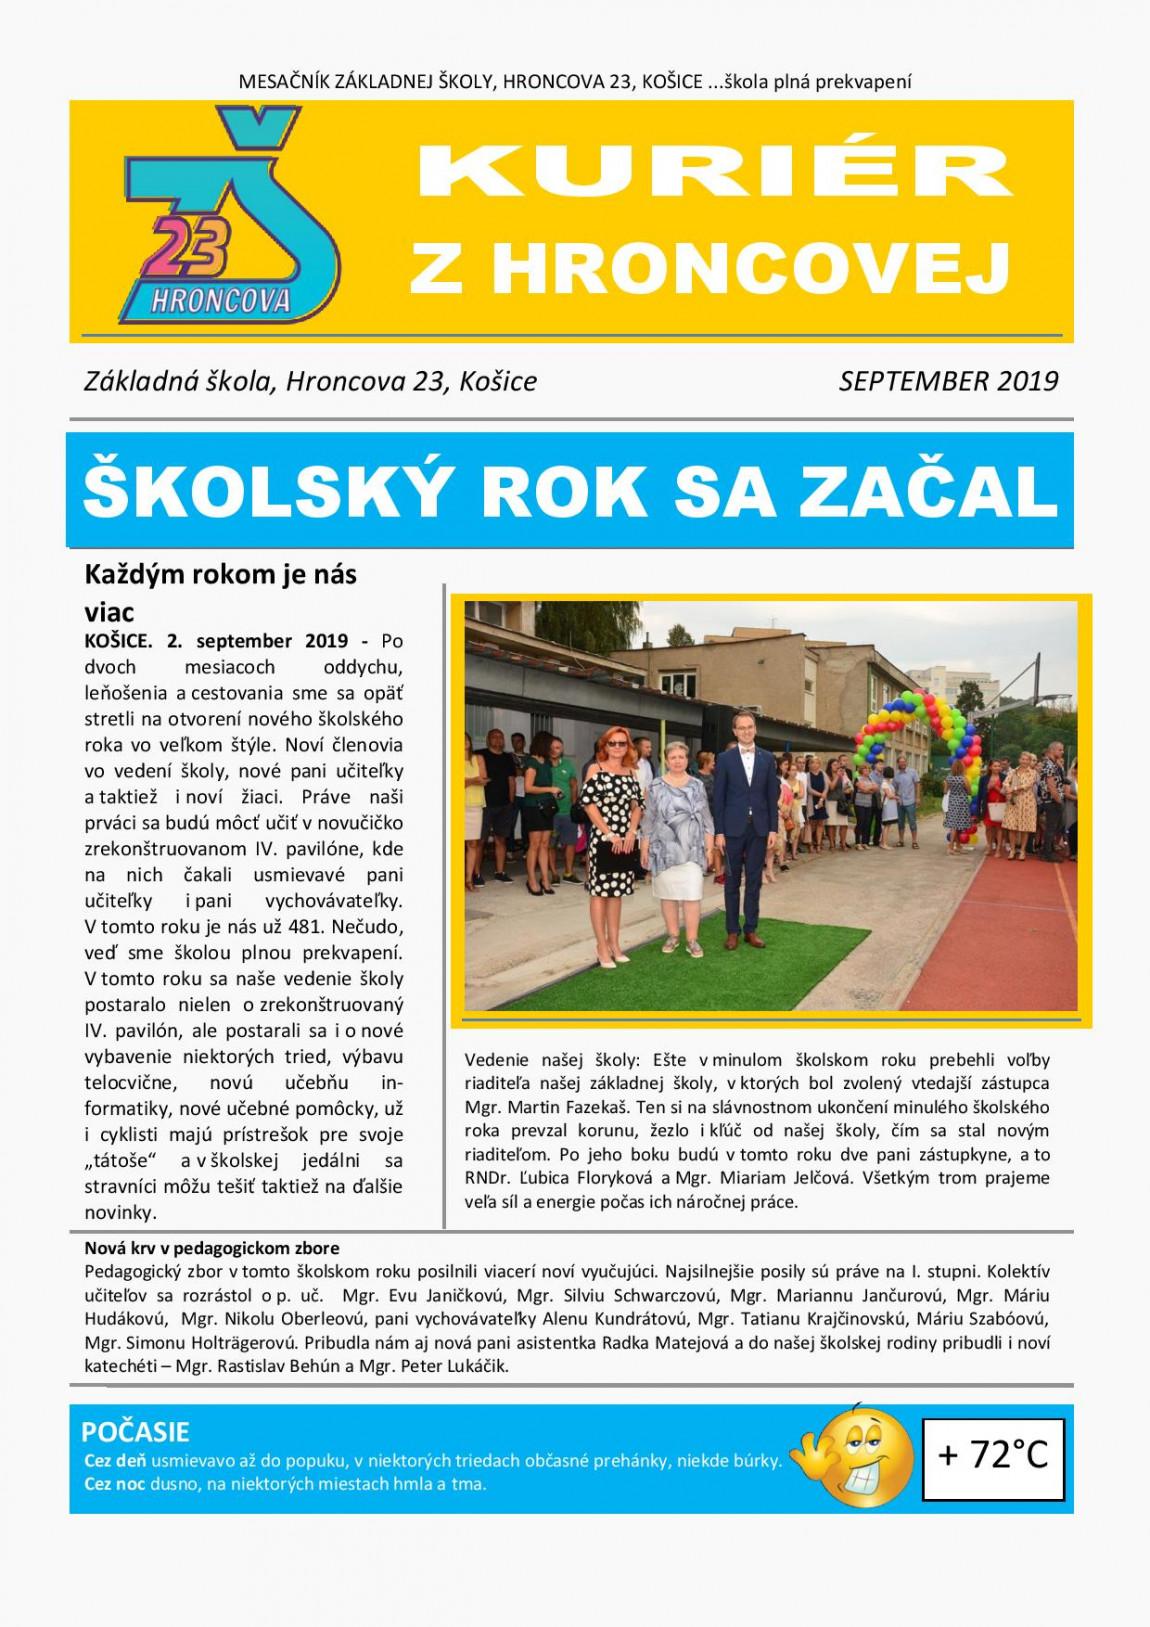 Kuriér z Hroncovej – SEPTEMBER 2019